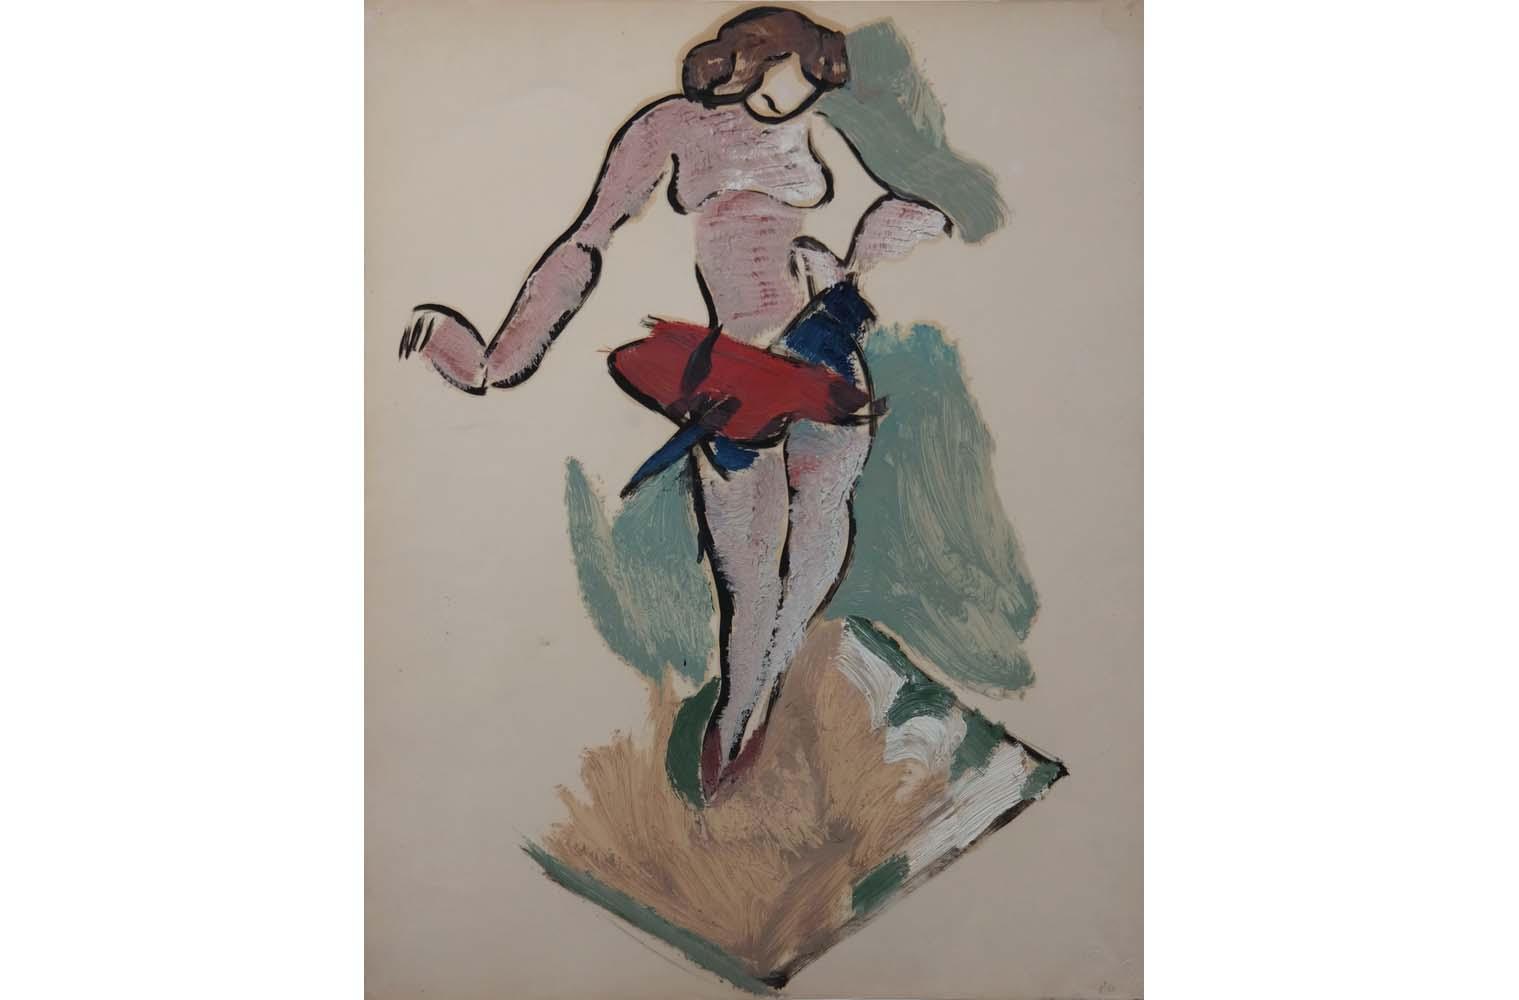 """Helmut Kolle  """" Trapeztänzerin """" , Öl auf Karton nach 1926, Unbezeichnet, Chabert 169, 62,0 x 48,0 cm, 12.800 €"""